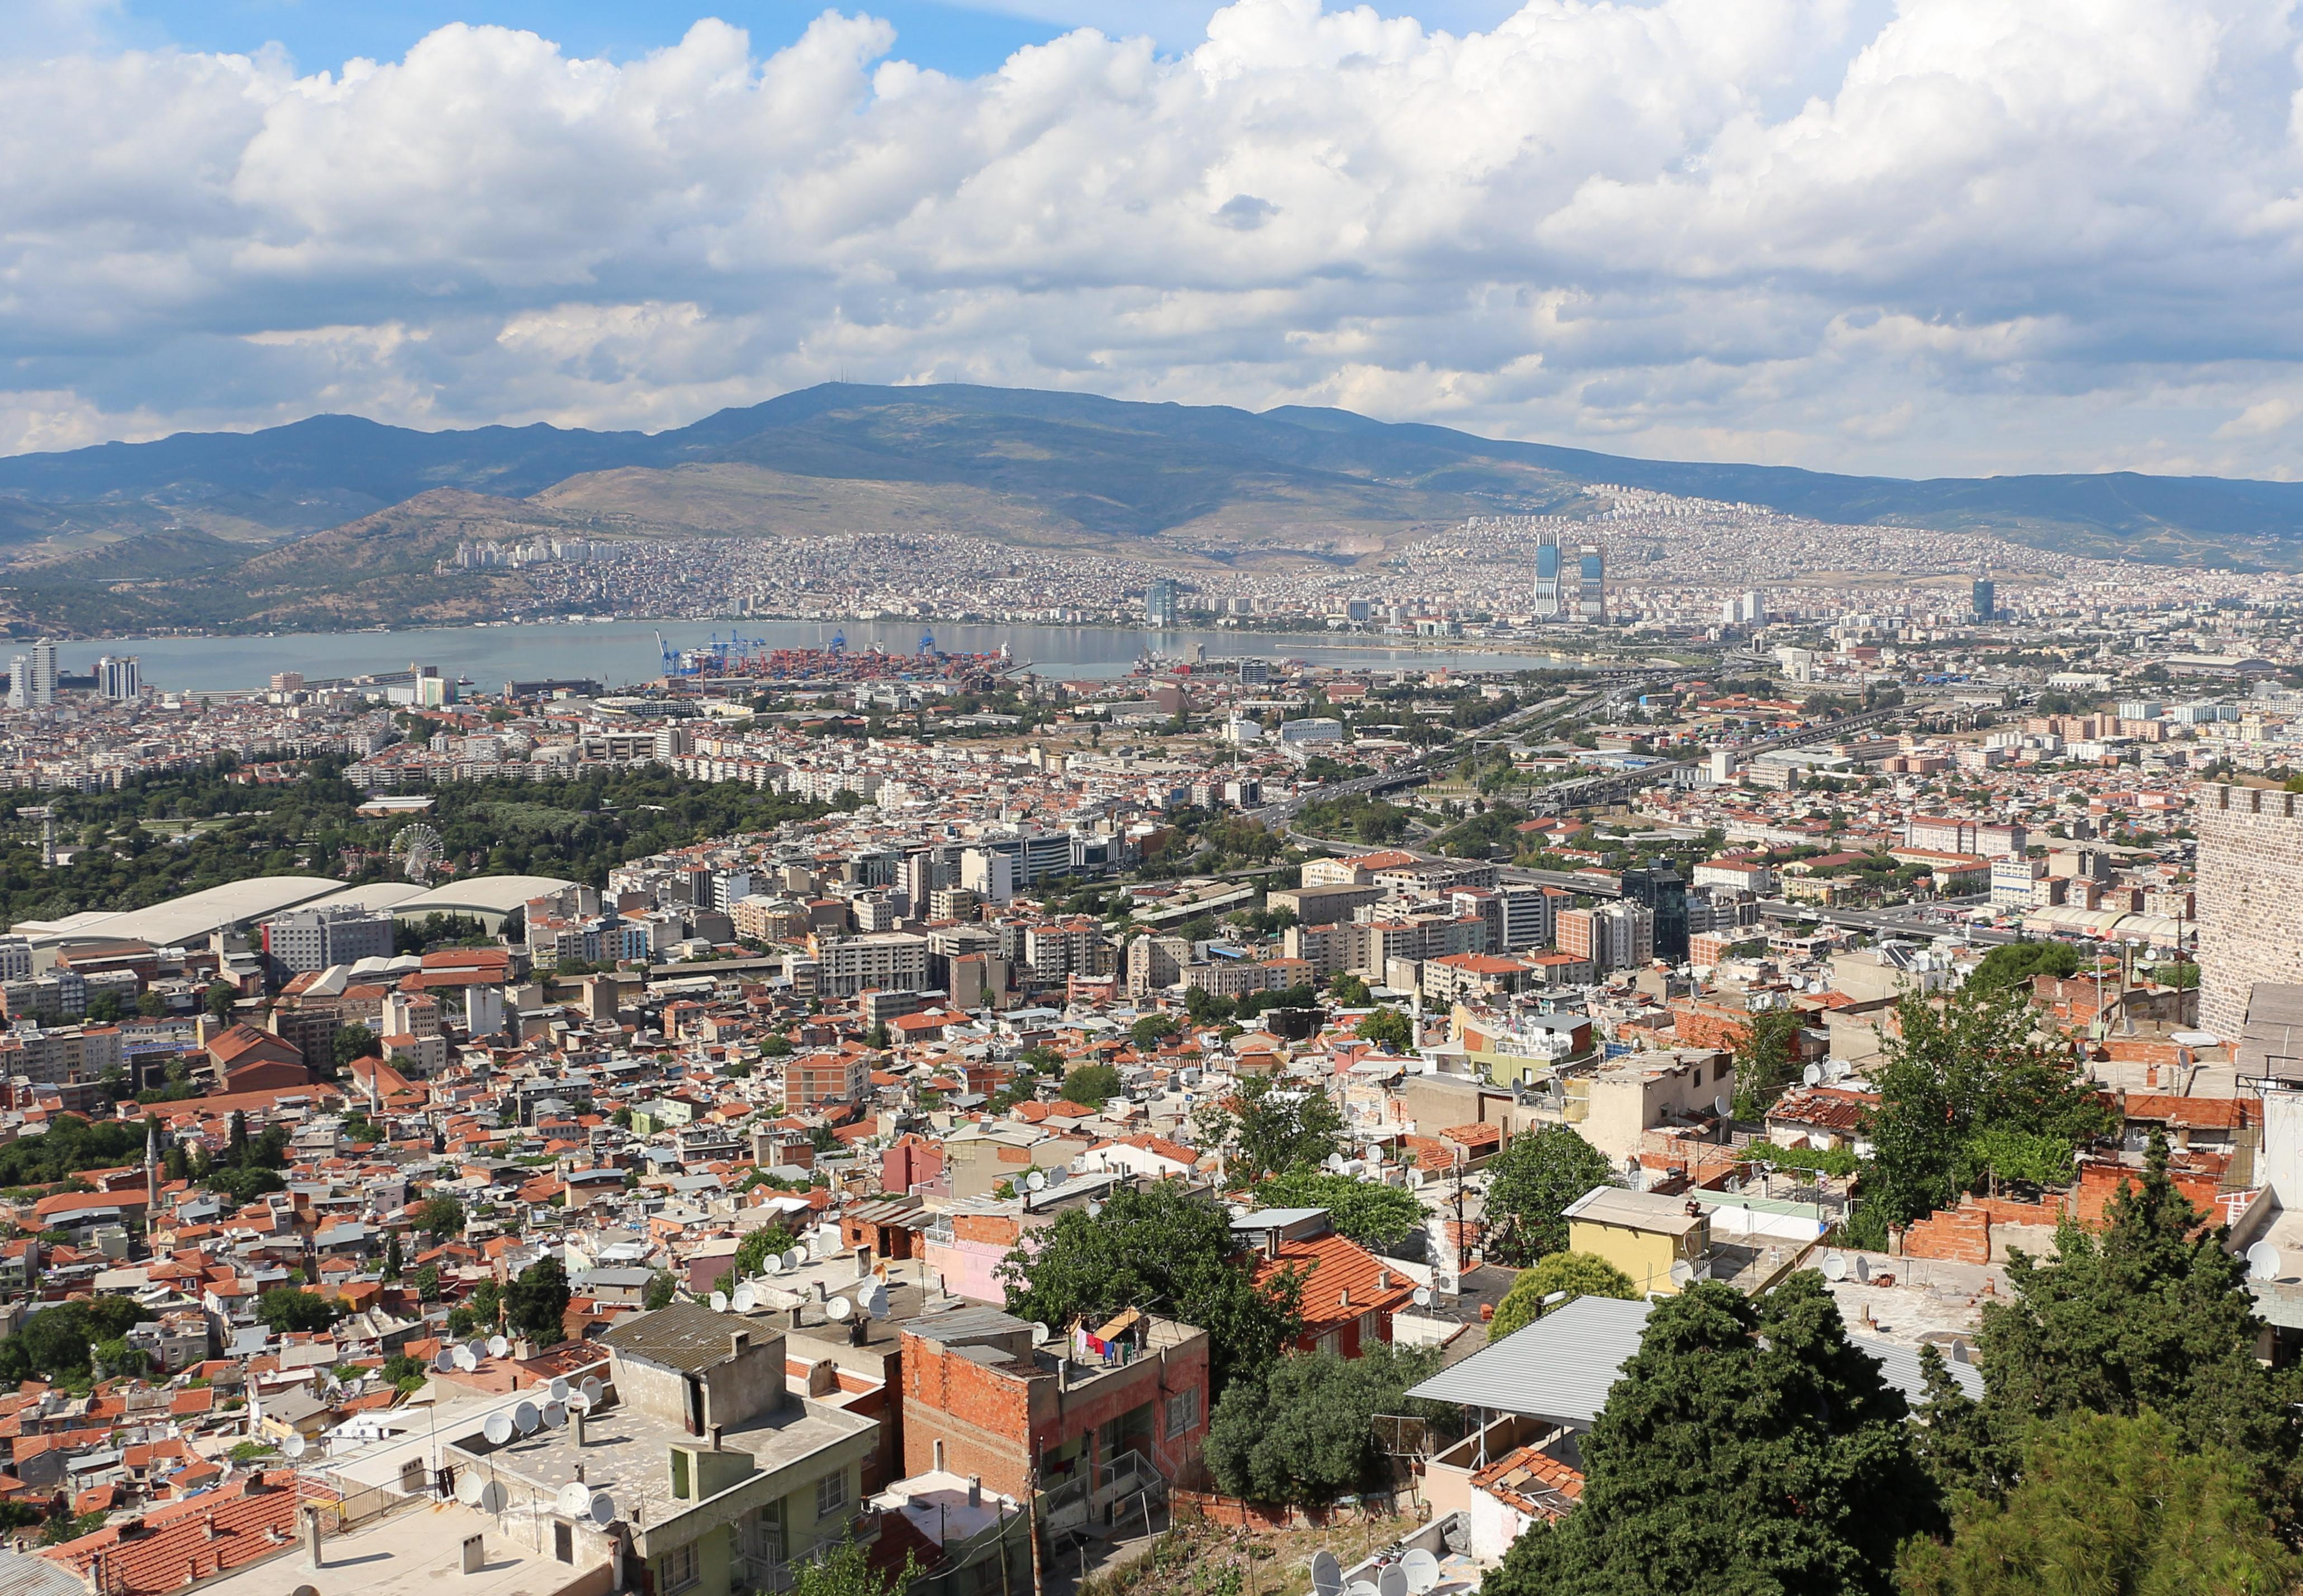 Vue de Izmir à partir de la citadelle de Kadifekale, Izmir, Turquie.Pic by Bernard Gagnon / CC BY-SA 3.0